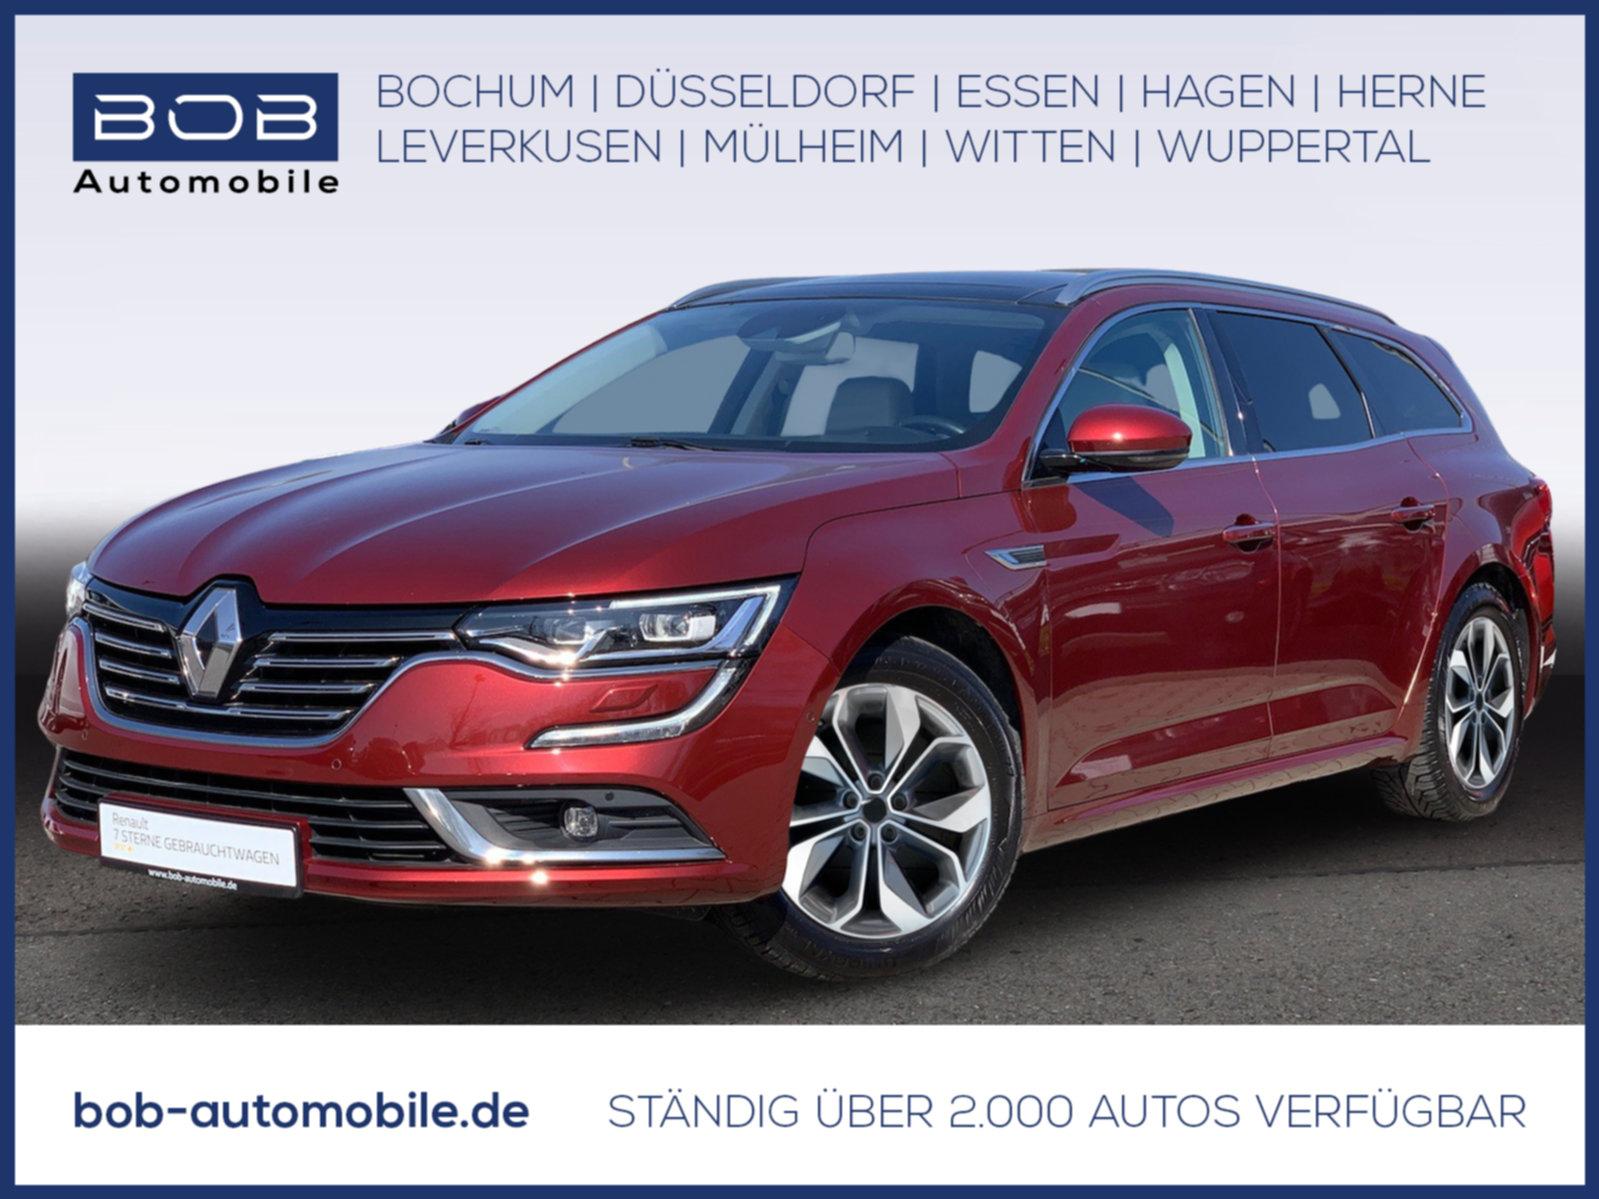 Renault Talisman Grandtour Elysee LEDER AHK NAVI PANO, Jahr 2017, Diesel